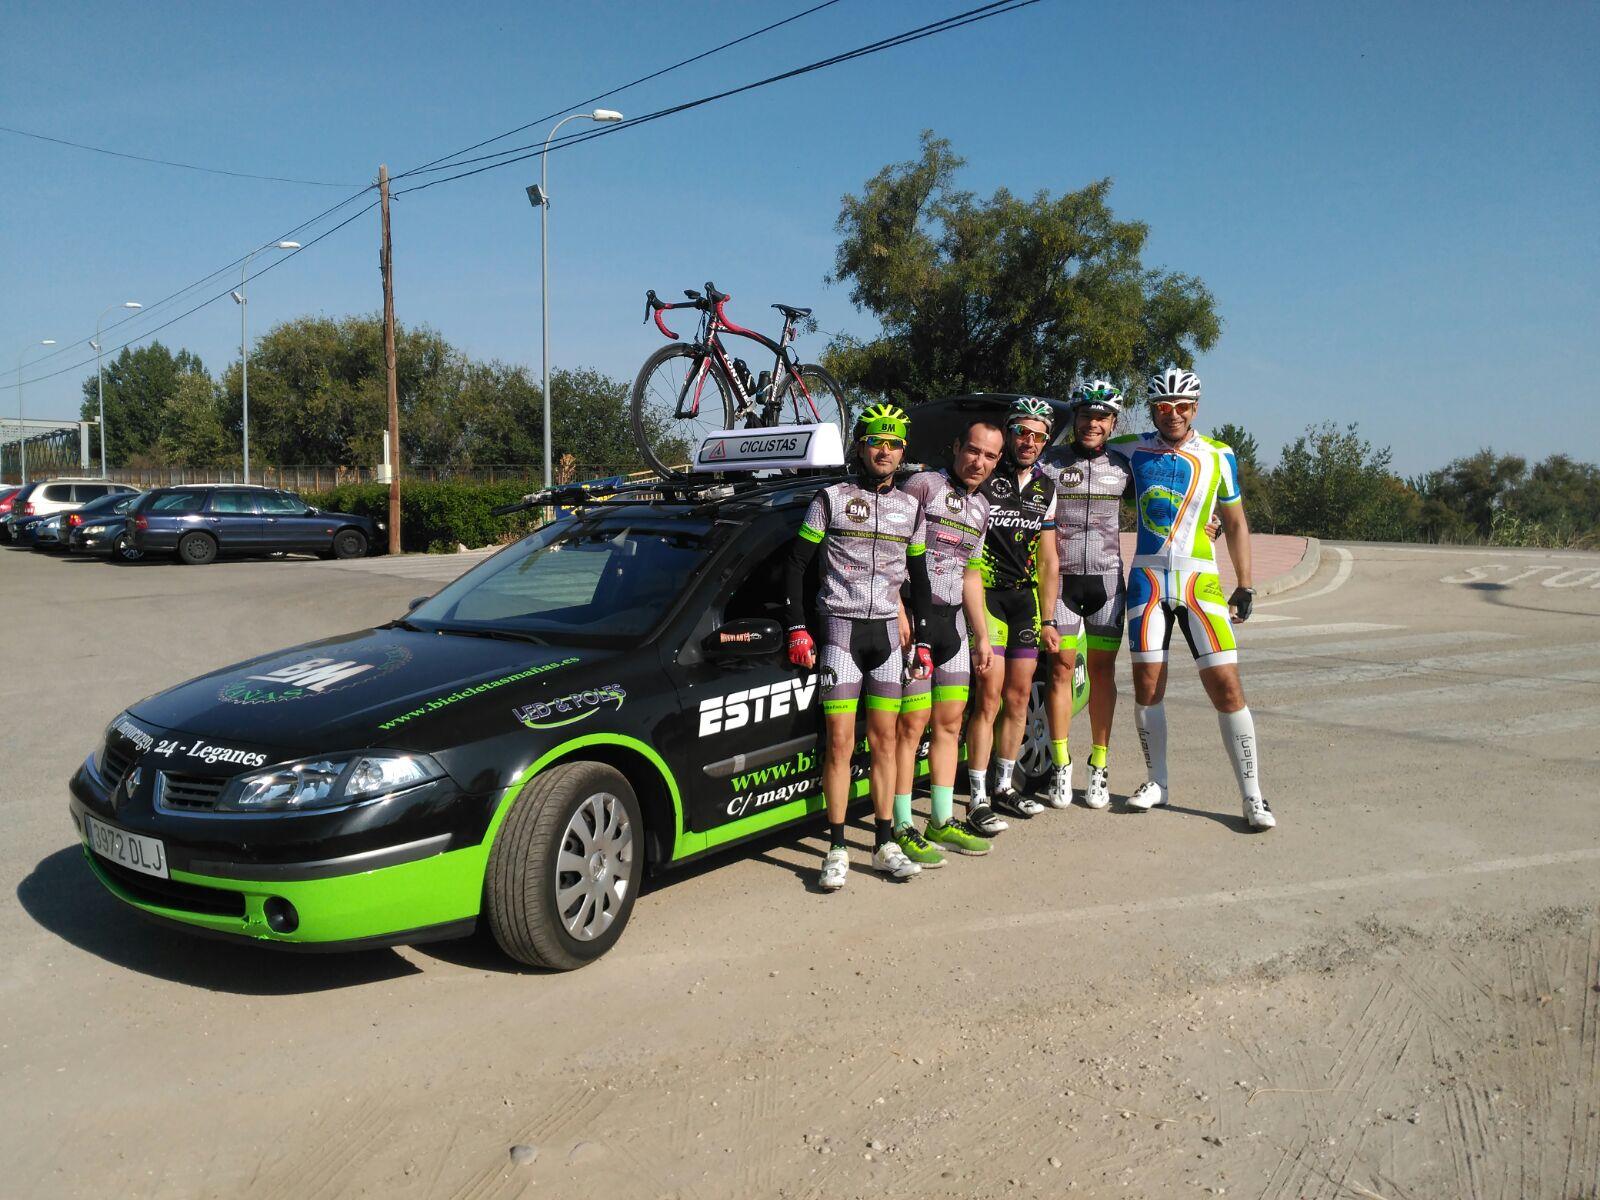 Grupeta_BM_Coche_240917_02_Biciletas Mañas BM-Tienda-de-venta-y-reparacion-de-bicicletas-Ridley-Madrid